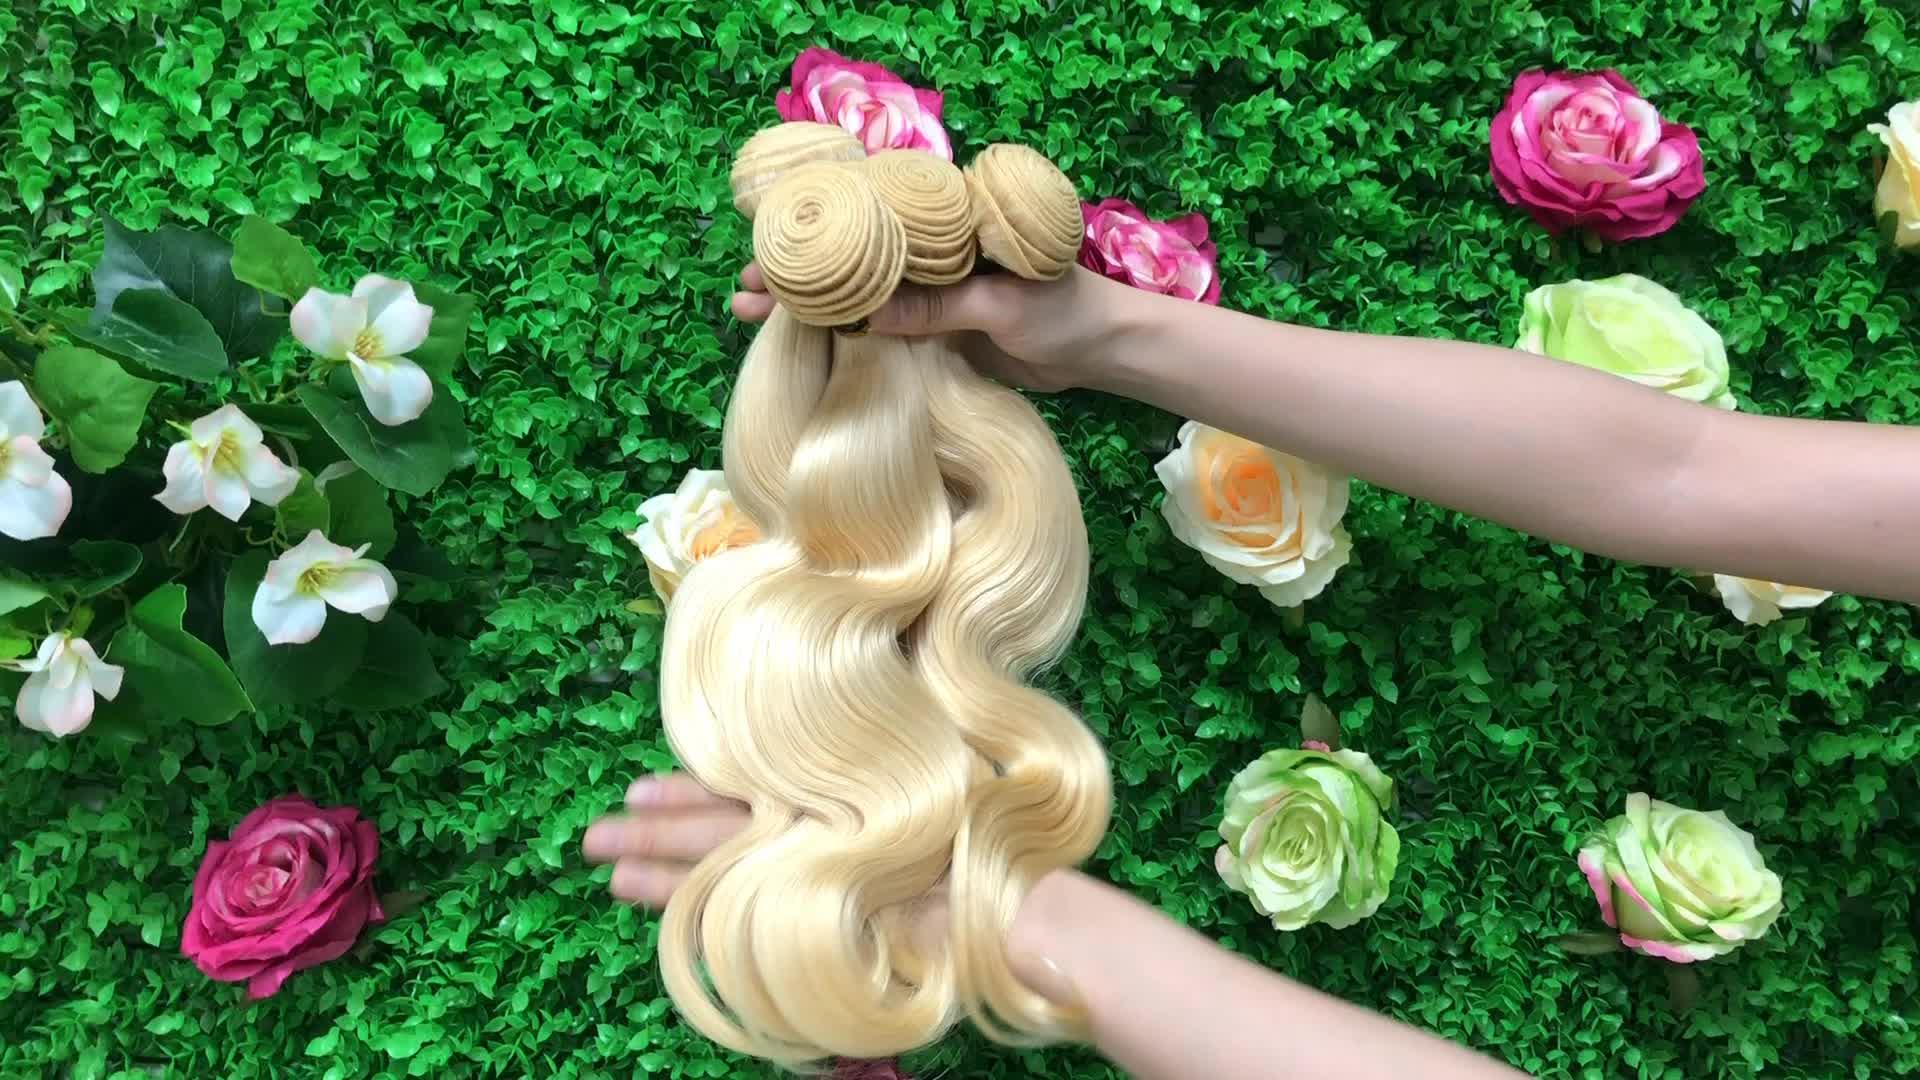 Aosun Hair Raw Mink Virgin Brazilian Hair Human, Natural Remy Hair Extension, Colored Hair Extension Human Hair